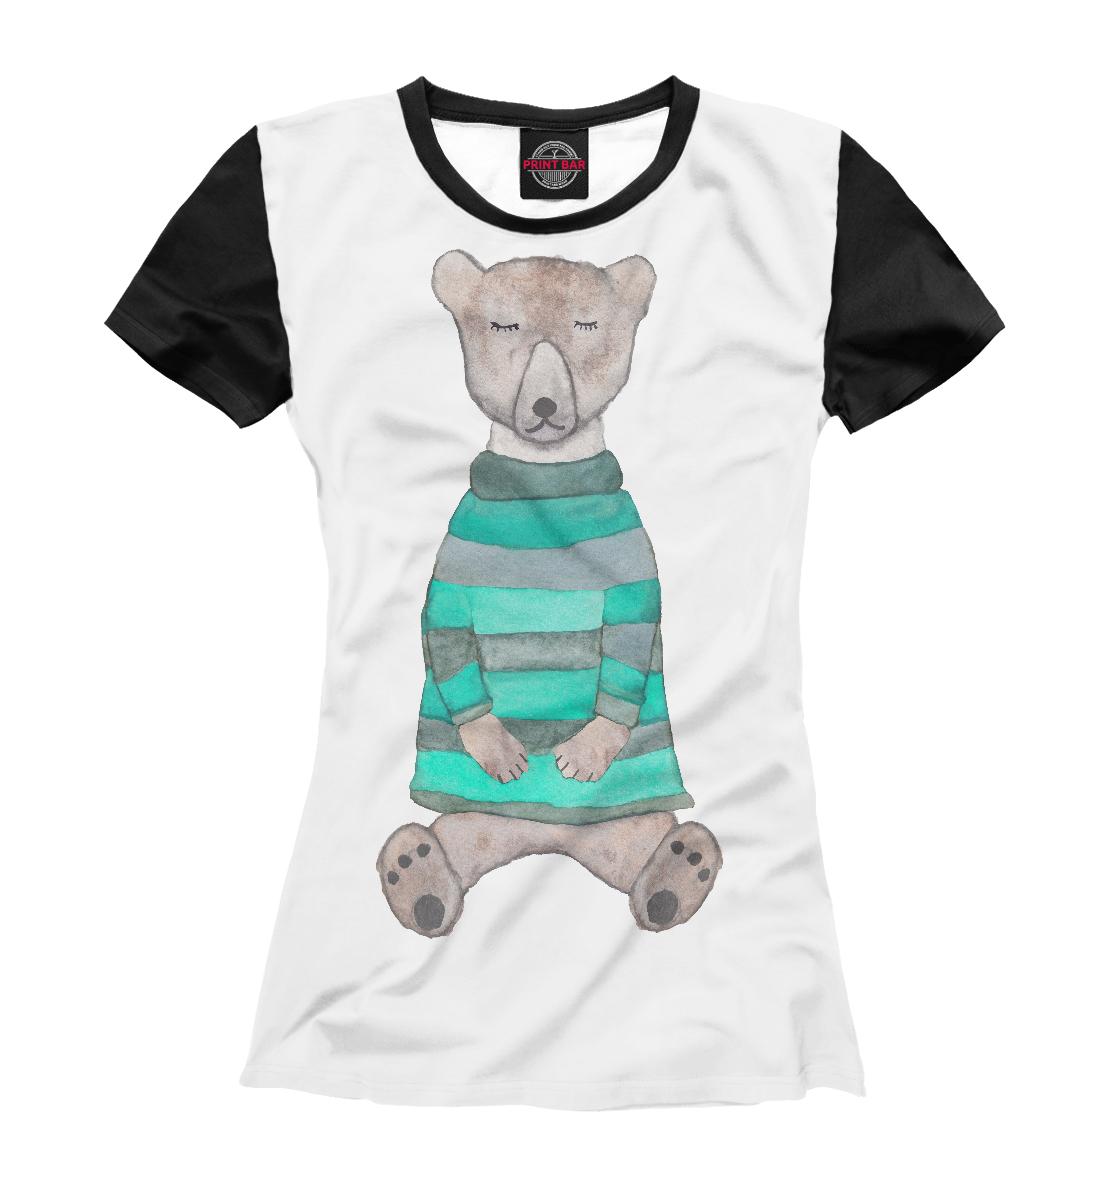 Купить Спящий медвежонок, Printbar, Футболки, MED-514372-fut-1